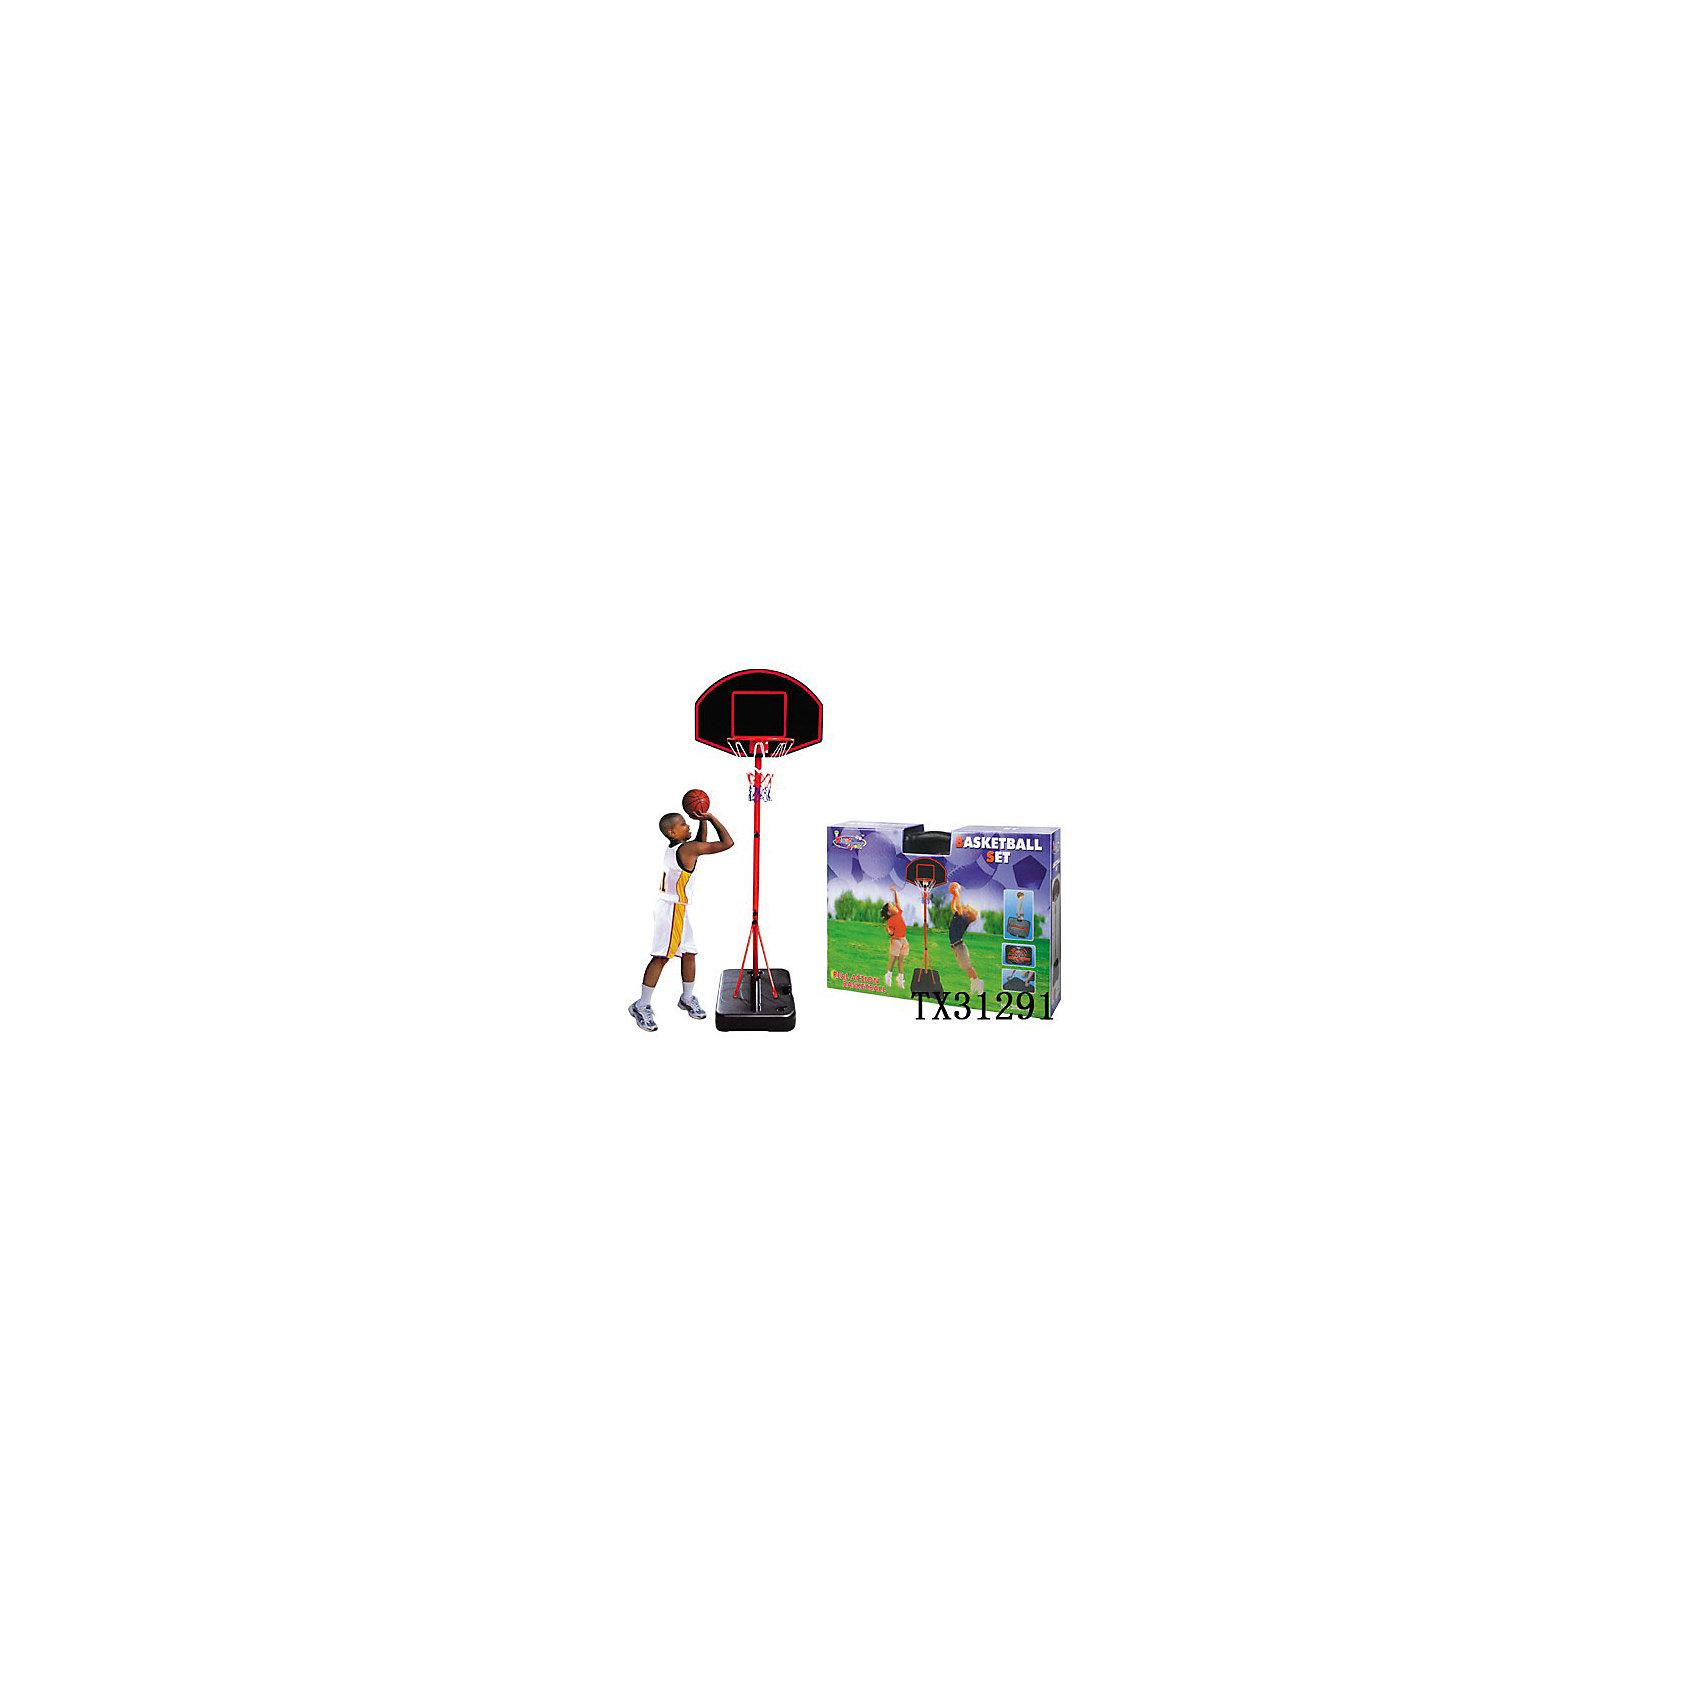 Баскетбольная стойка, KingSportОсновные характеристики<br><br>Сборно-разборная конструкция<br>Водоналивное основание <br>Размер основания: 65х46см <br>В комплекте мяч (диаметр: 18см); насос<br>Регулируемая высота: 109 - 190см<br>Размер щита: 66х45см<br>Разобранная стойка складывается в основание, выполненное в виде кейса для удобства переноски<br>Материал: полипропилен, сталь, поливинилхлорид<br>Вес: 5,83кг<br>Страна-производитель: Китай <br>Упаковка: цветная коробка<br>Габариты изделия в упаковке: 68х12х48см<br><br>Игра в баскетбол помогает привить любовь к спорту, а также развить координацию движений, ловкость и сноровку.<br><br>Ширина мм: 490<br>Глубина мм: 690<br>Высота мм: 120<br>Вес г: 5830<br>Возраст от месяцев: 36<br>Возраст до месяцев: 192<br>Пол: Унисекс<br>Возраст: Детский<br>SKU: 5056659